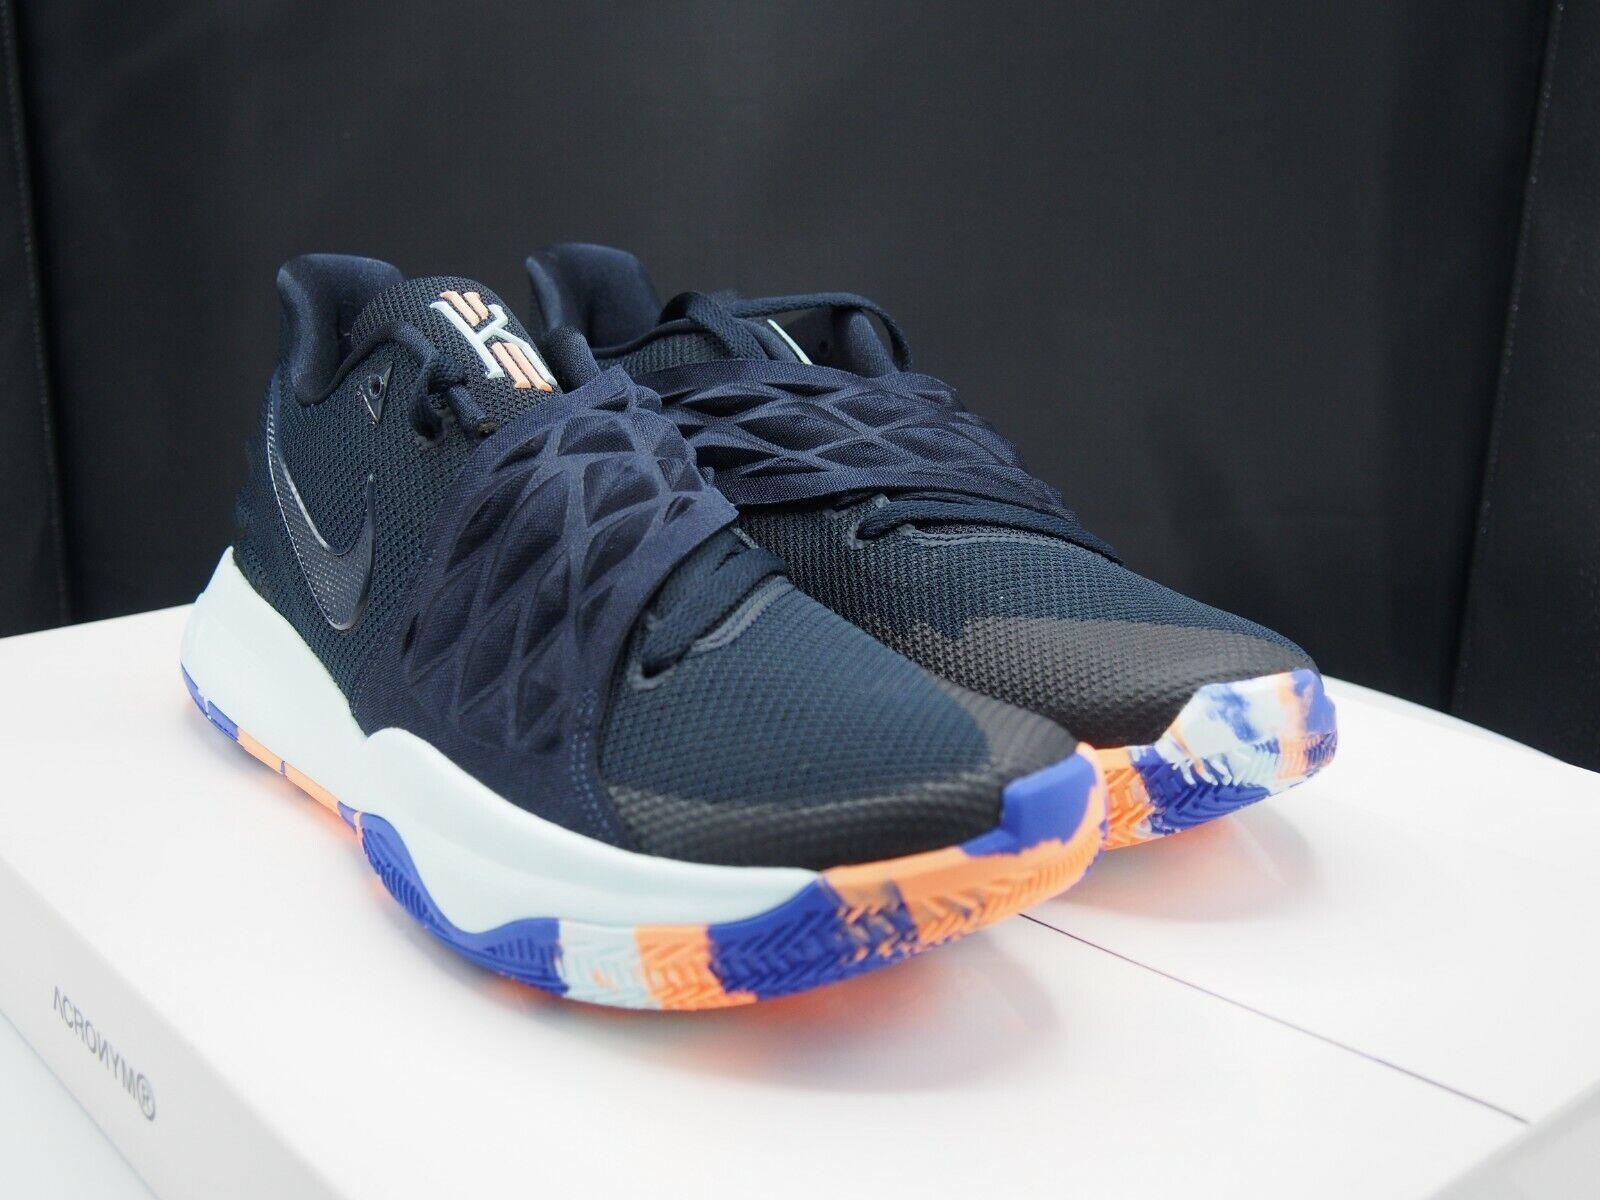 Nike Kyrie Low Dark Obsidian Men's